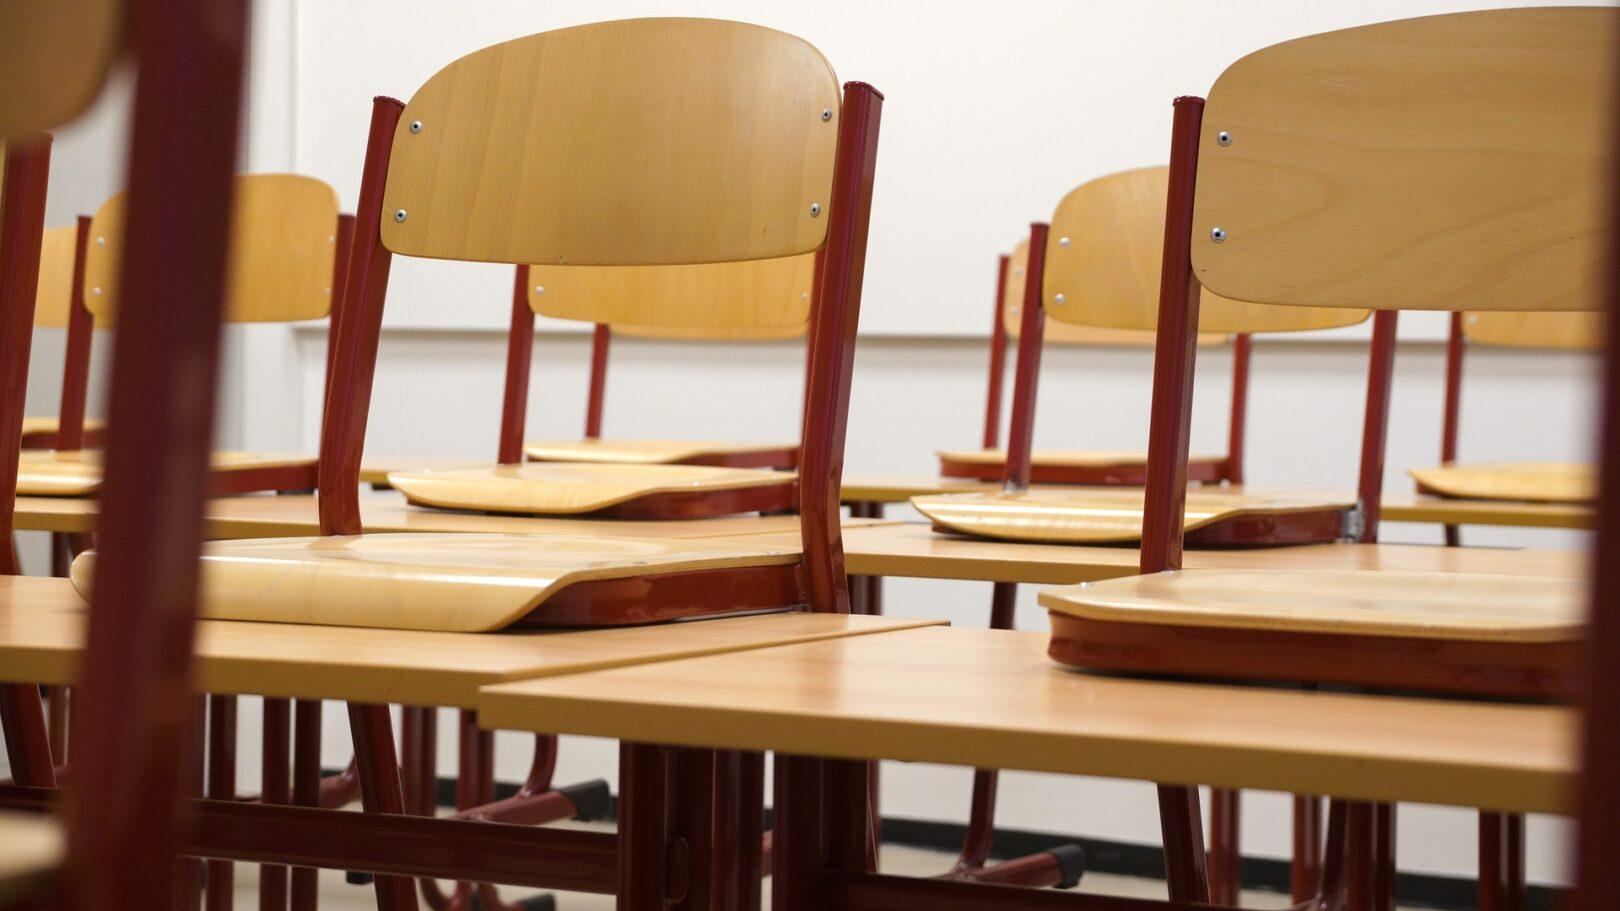 V času, ko ni bilo pouka v šolah, so mnogi dojeli, kako pomembna je šola.